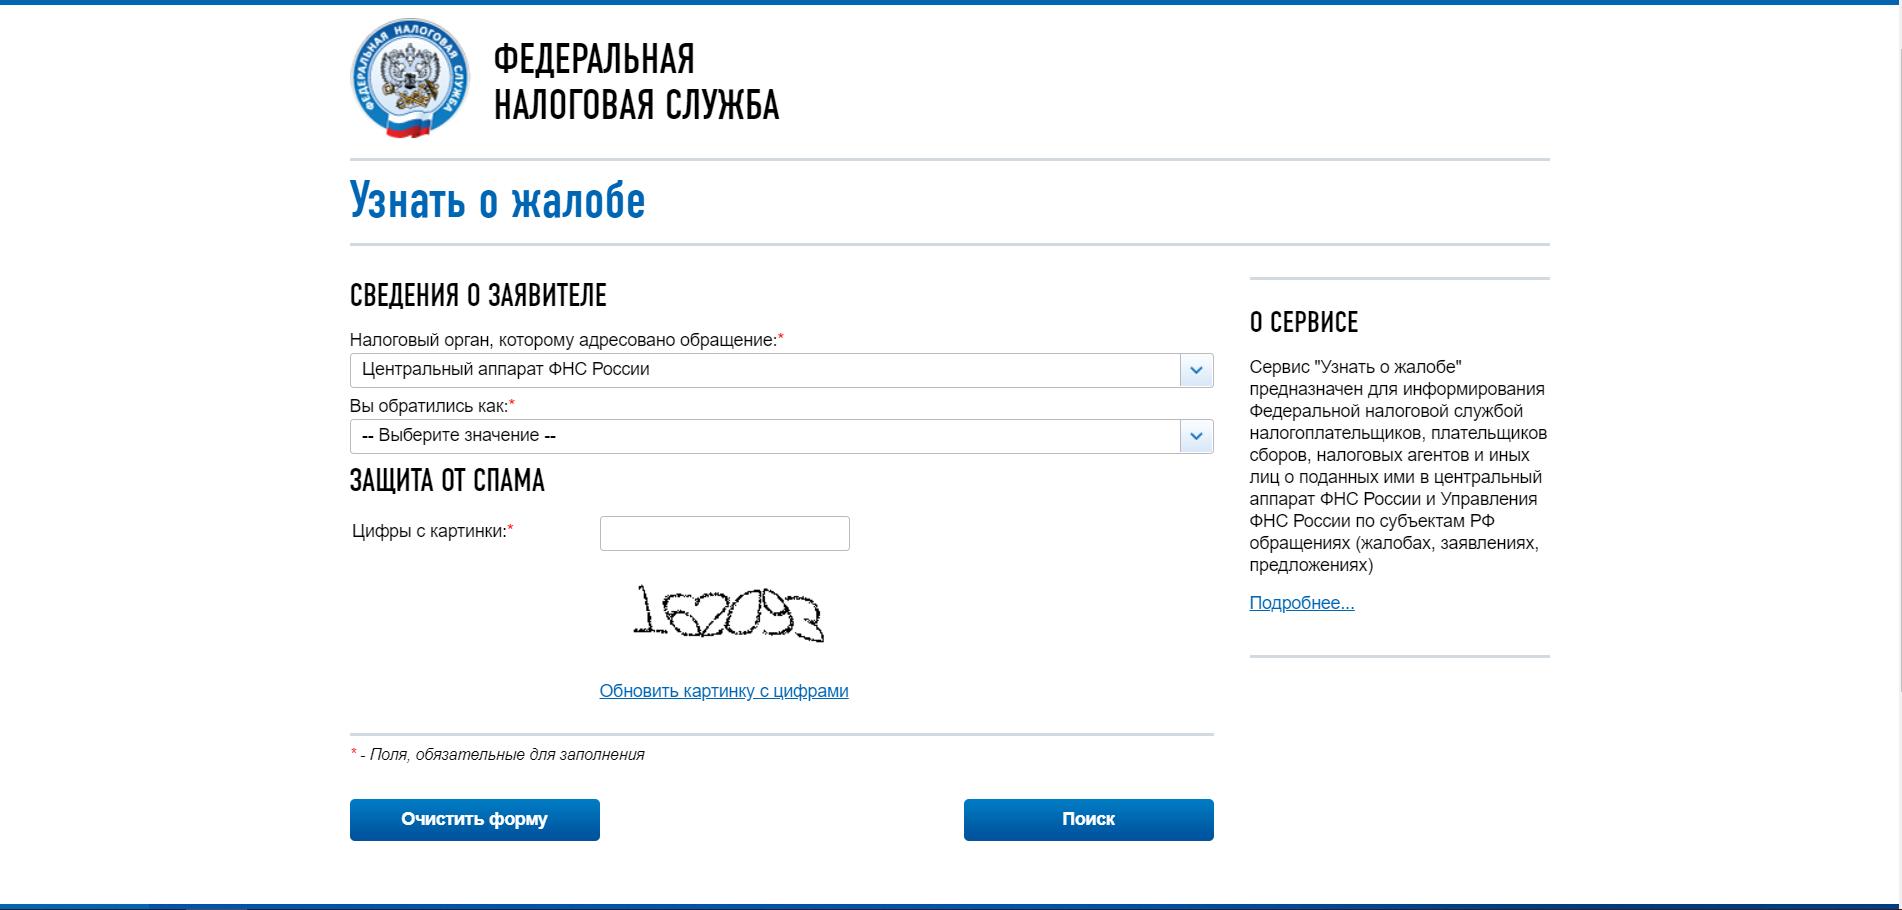 Как узнать срок выдачи водительского удостоверения